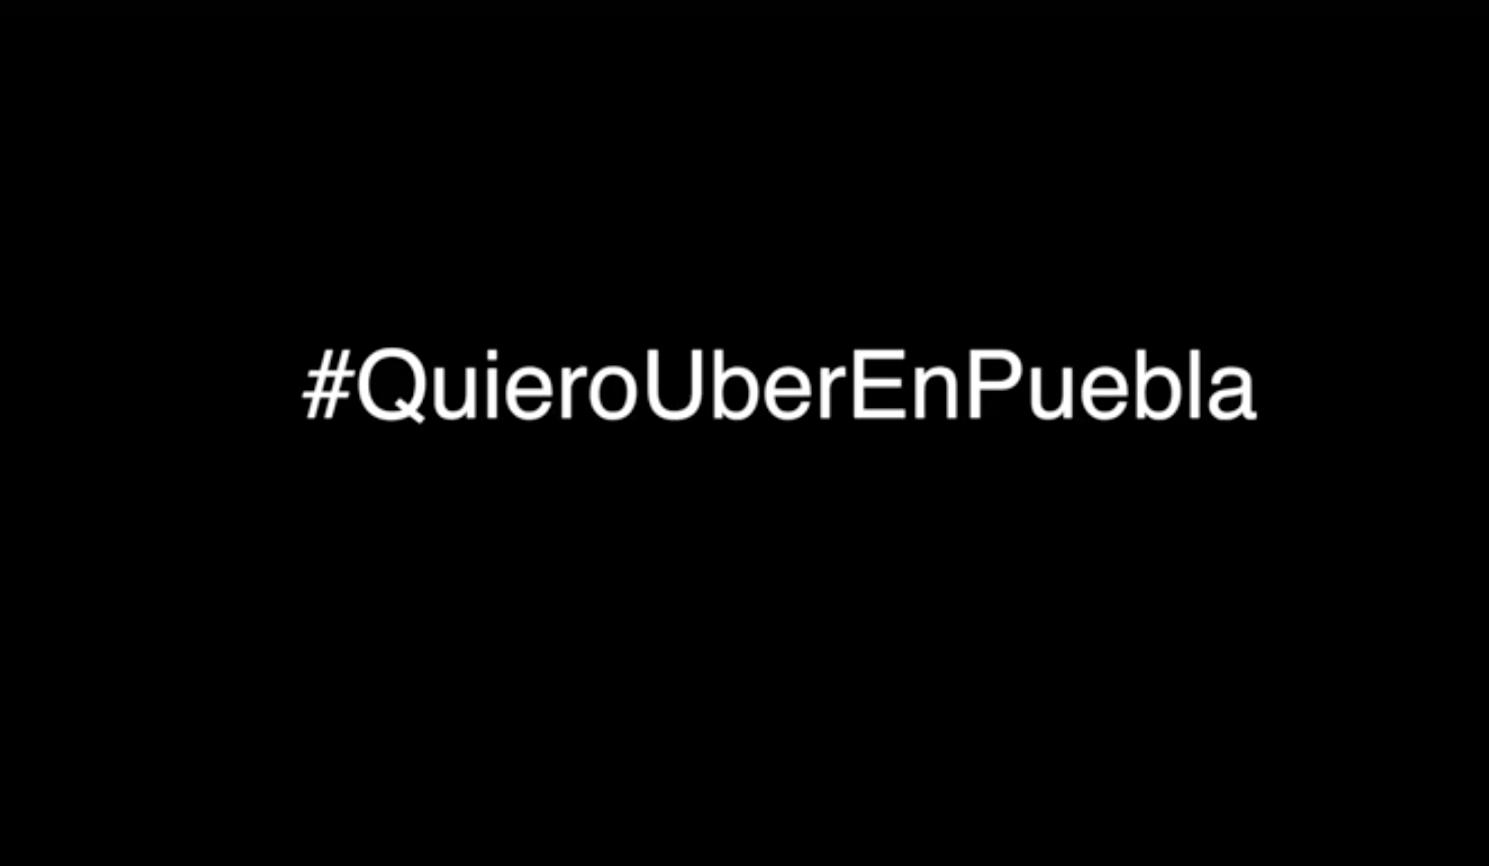 #QuieroUberEnPuebla: alzan la voz usuarios del servio de taxis